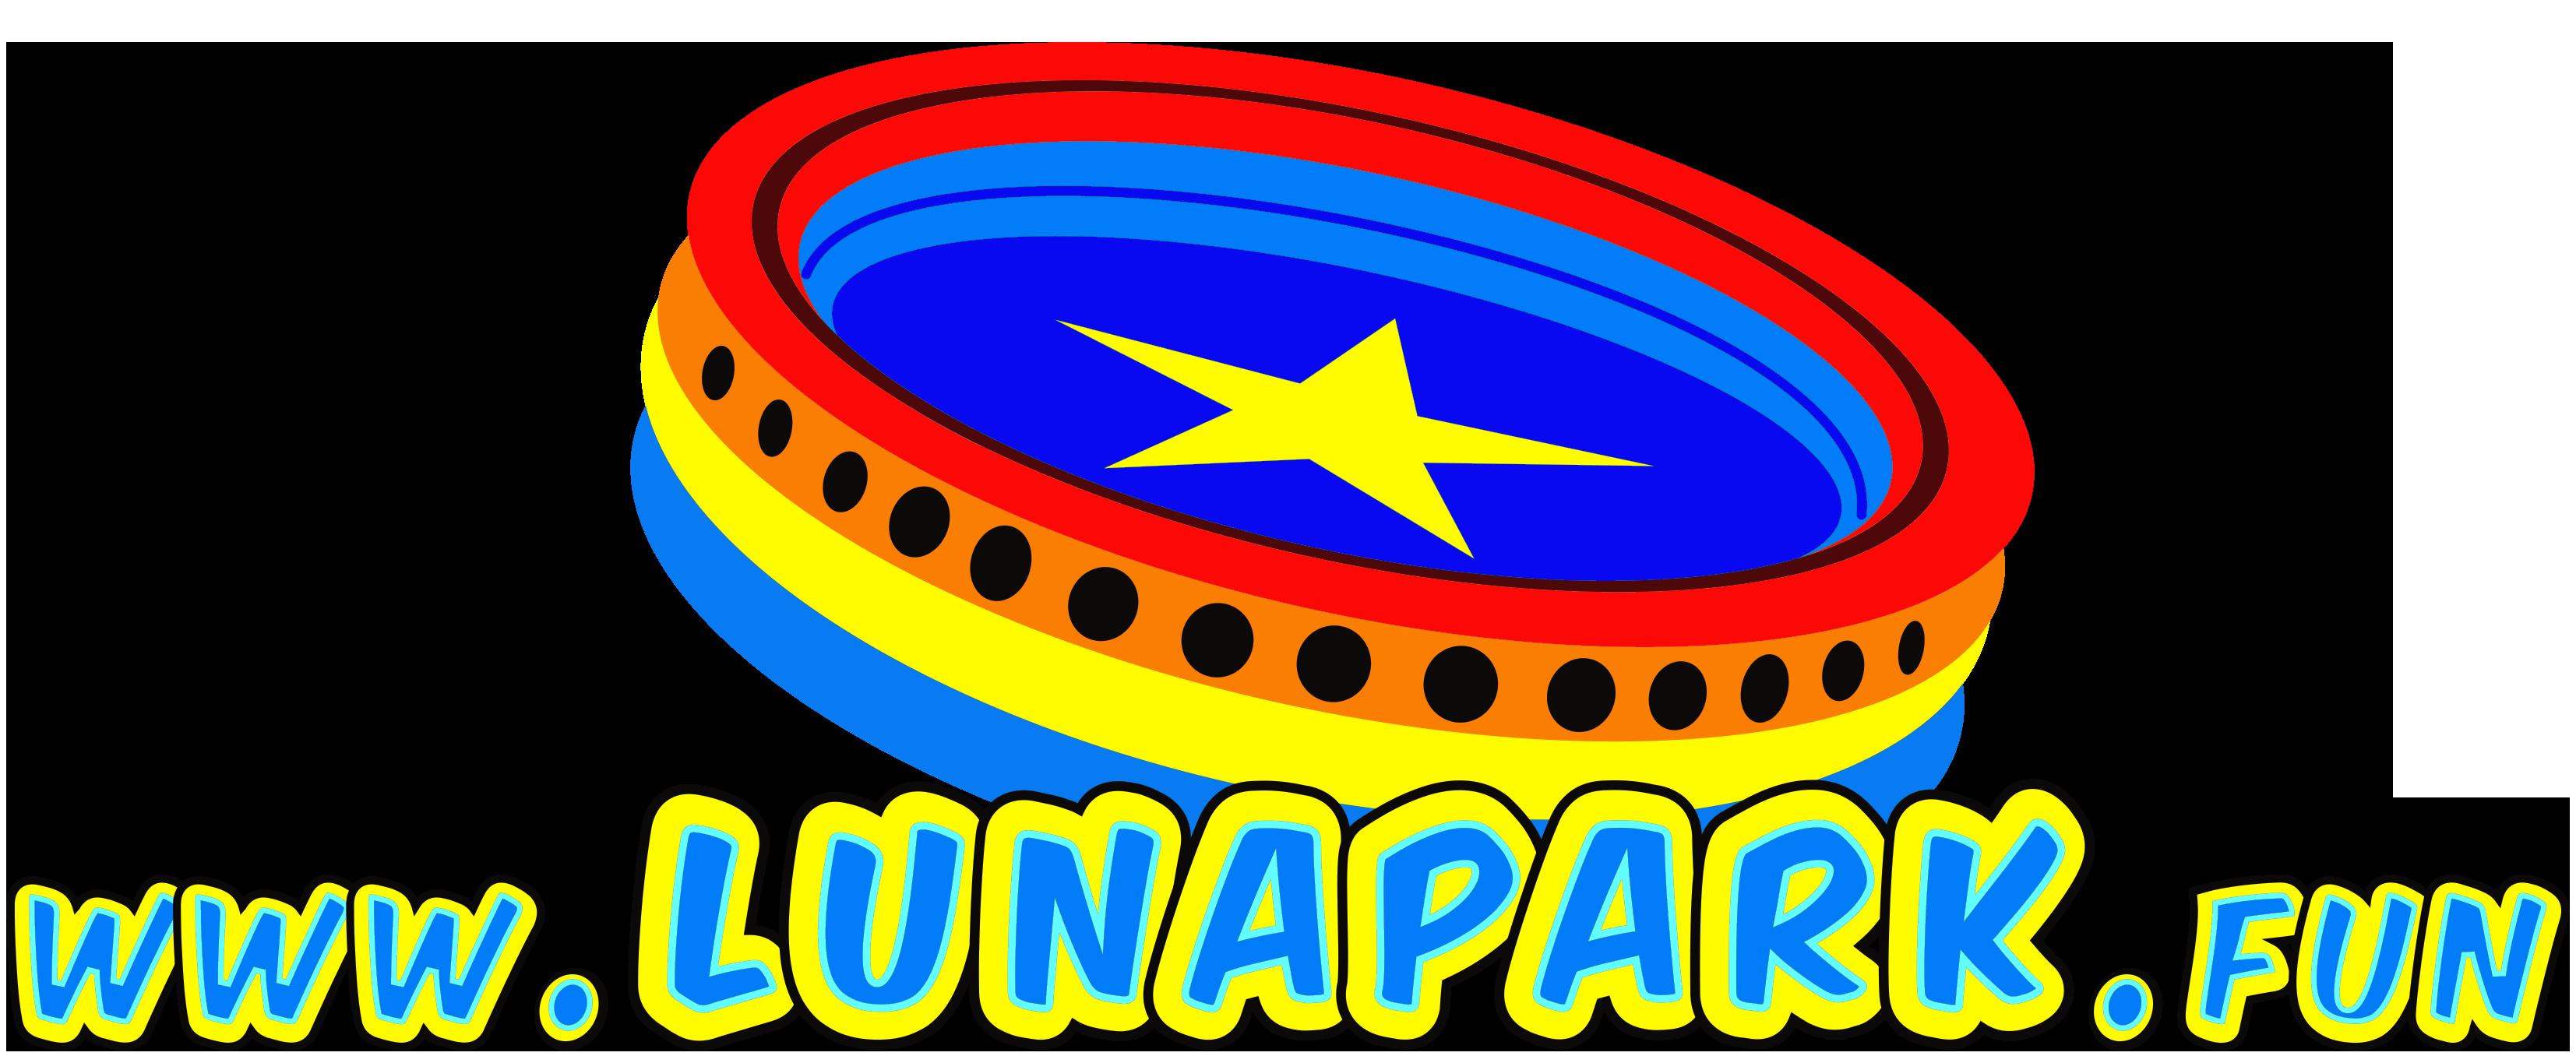 lunapark.fun